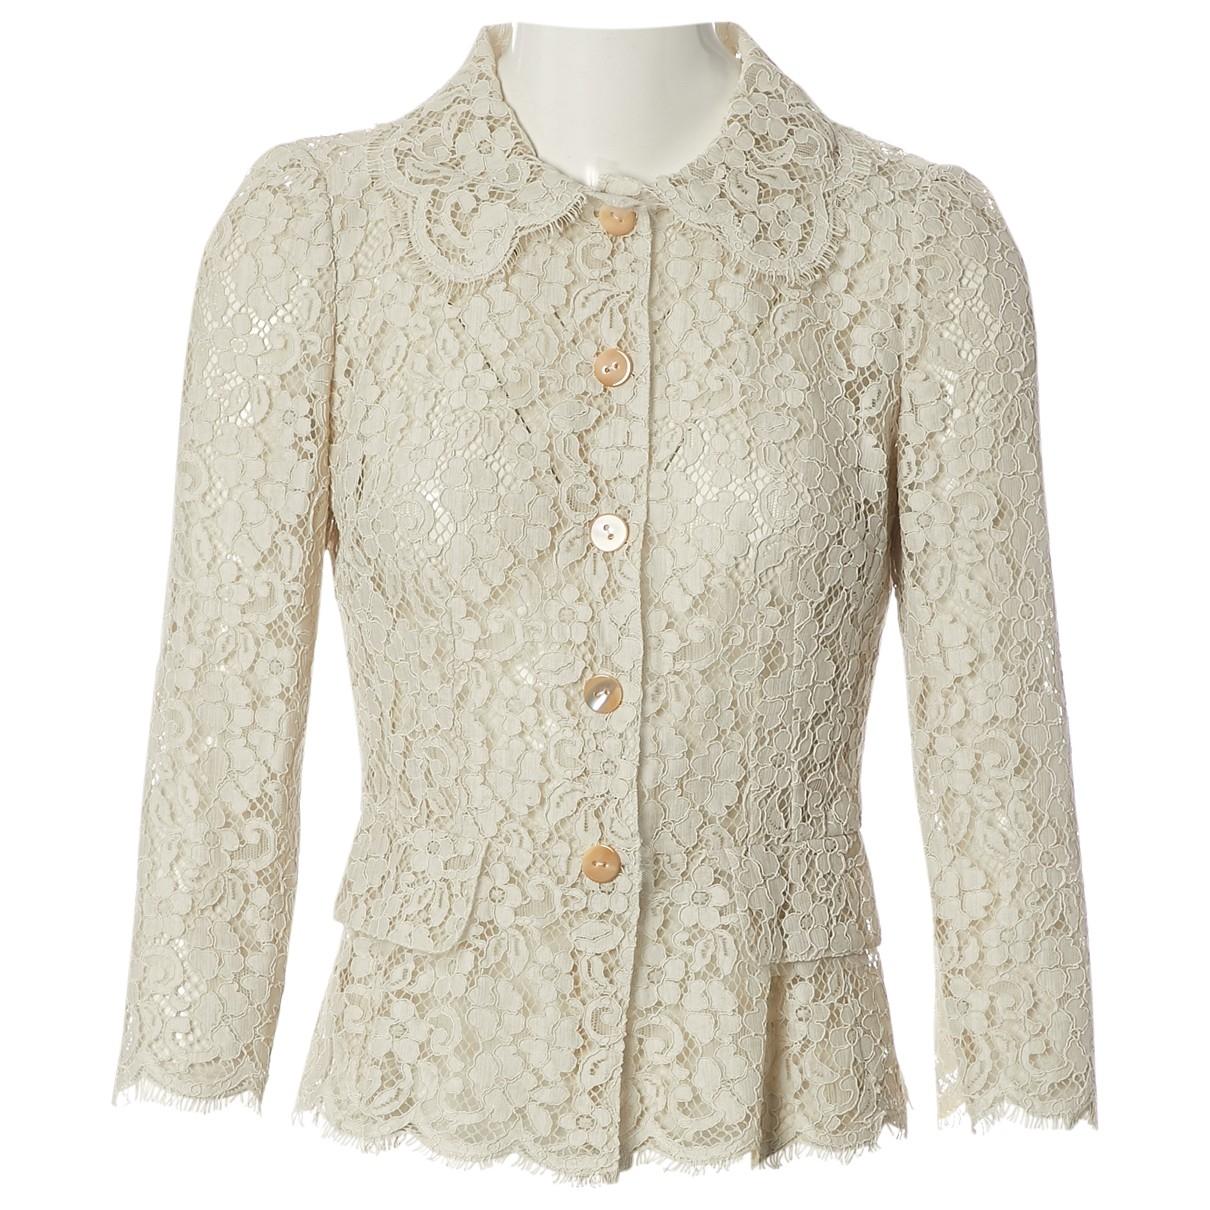 Dolce & Gabbana \N Beige jacket for Women 38 IT